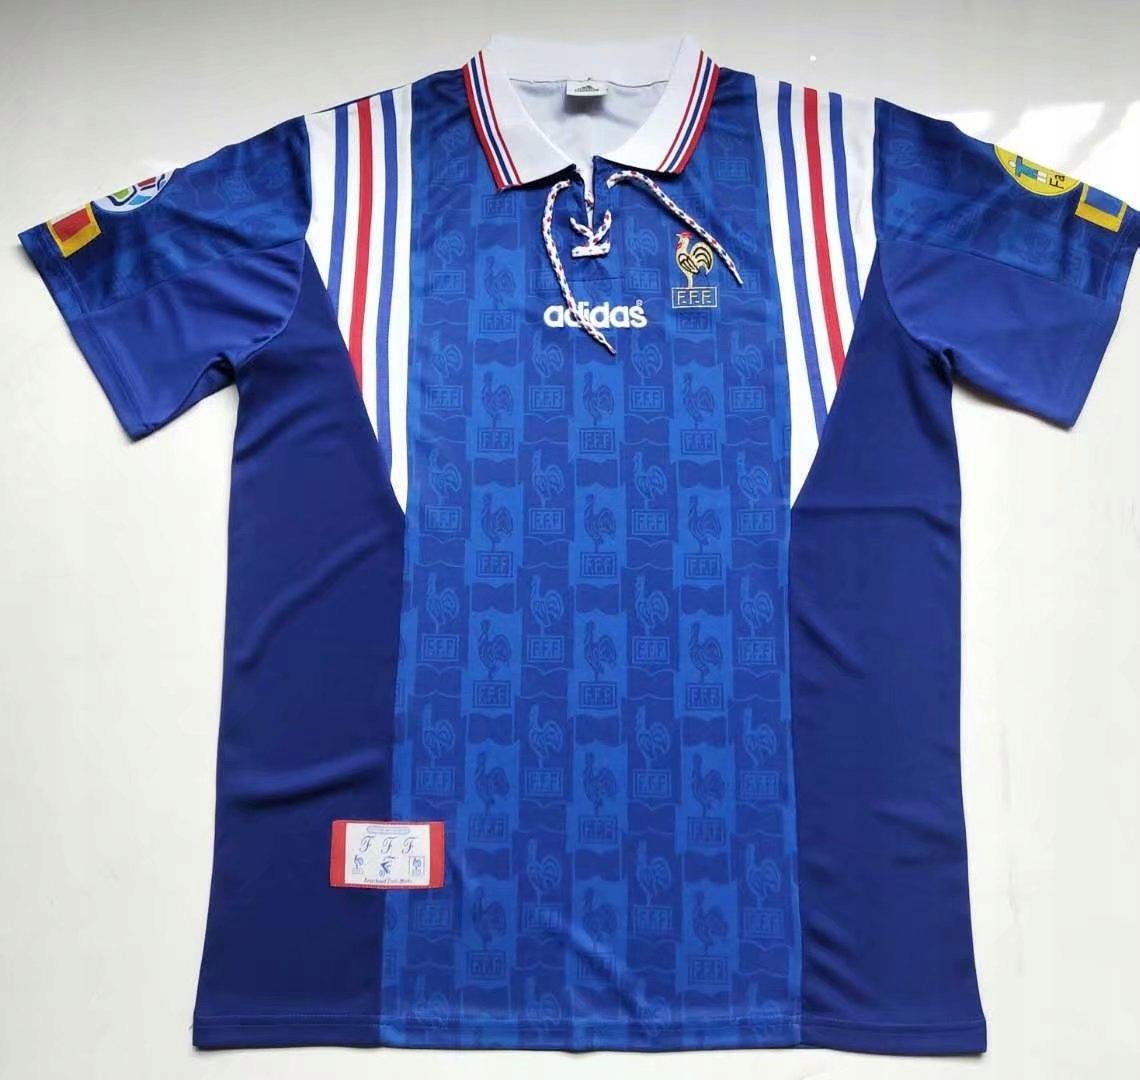 Dres Adidas France 1996 S Retro